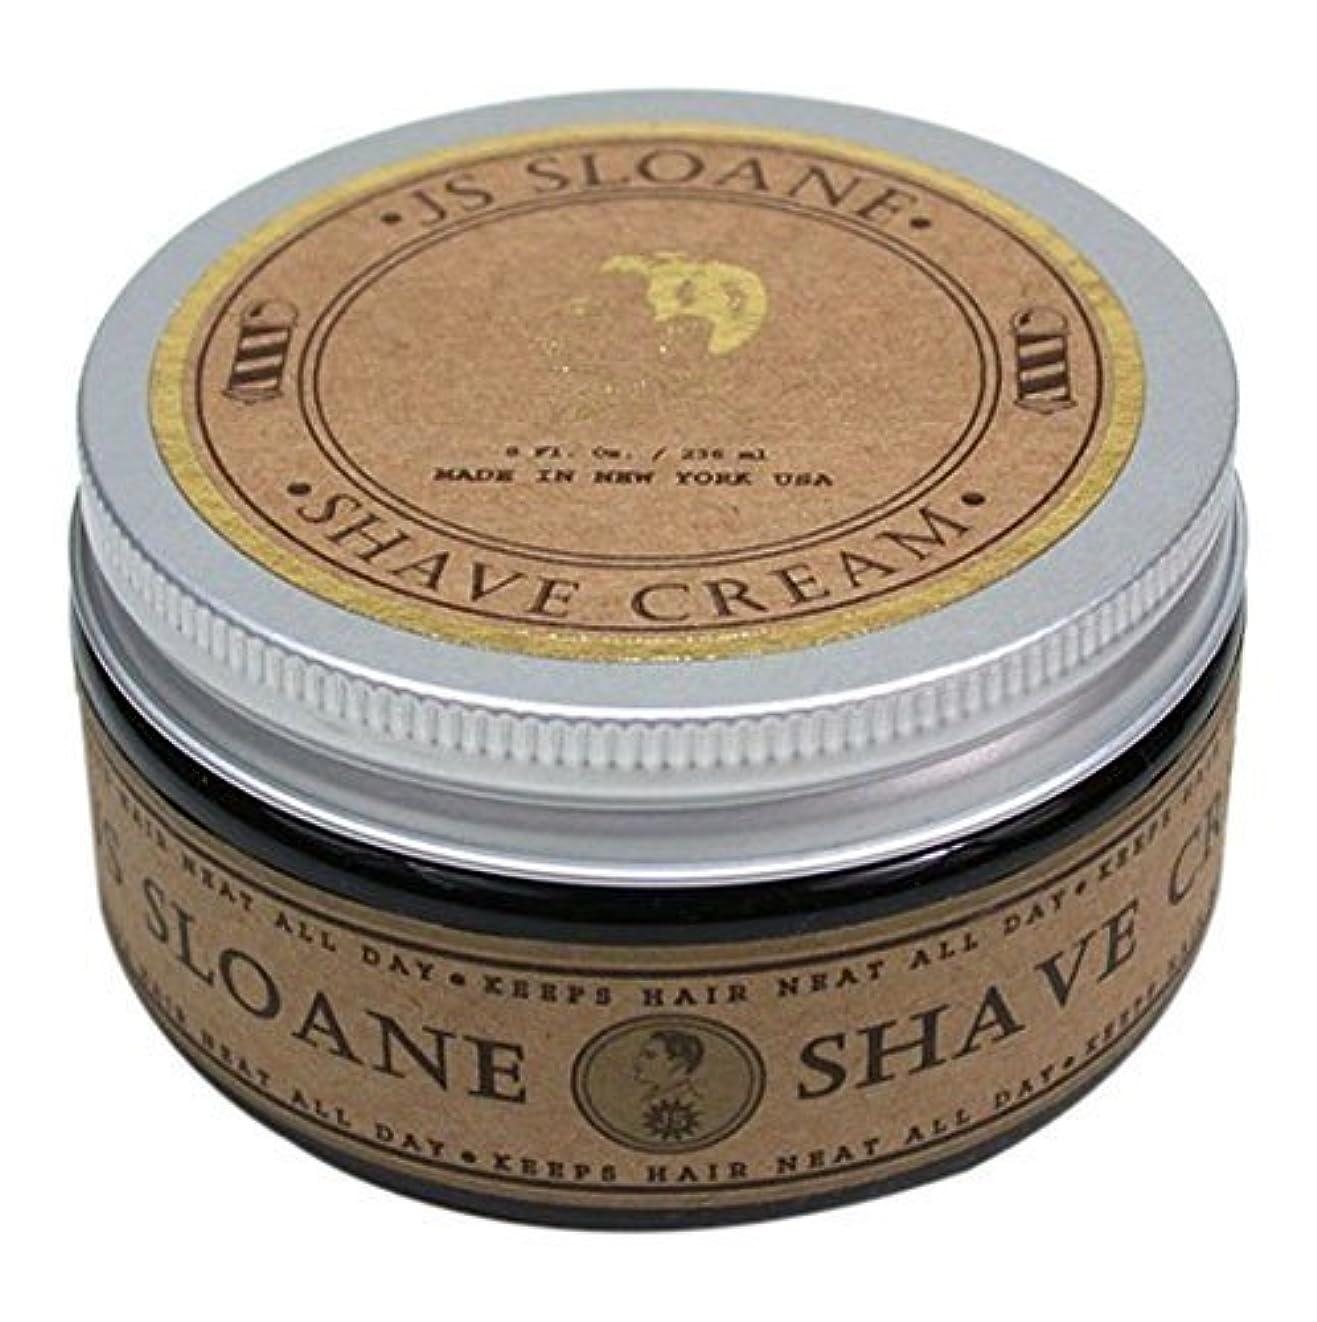 休眠変色する下着JS Sloane ジェントルマンズ シェーブクリーム / Gentlemen's Shave Cream , 8oz (236mL)